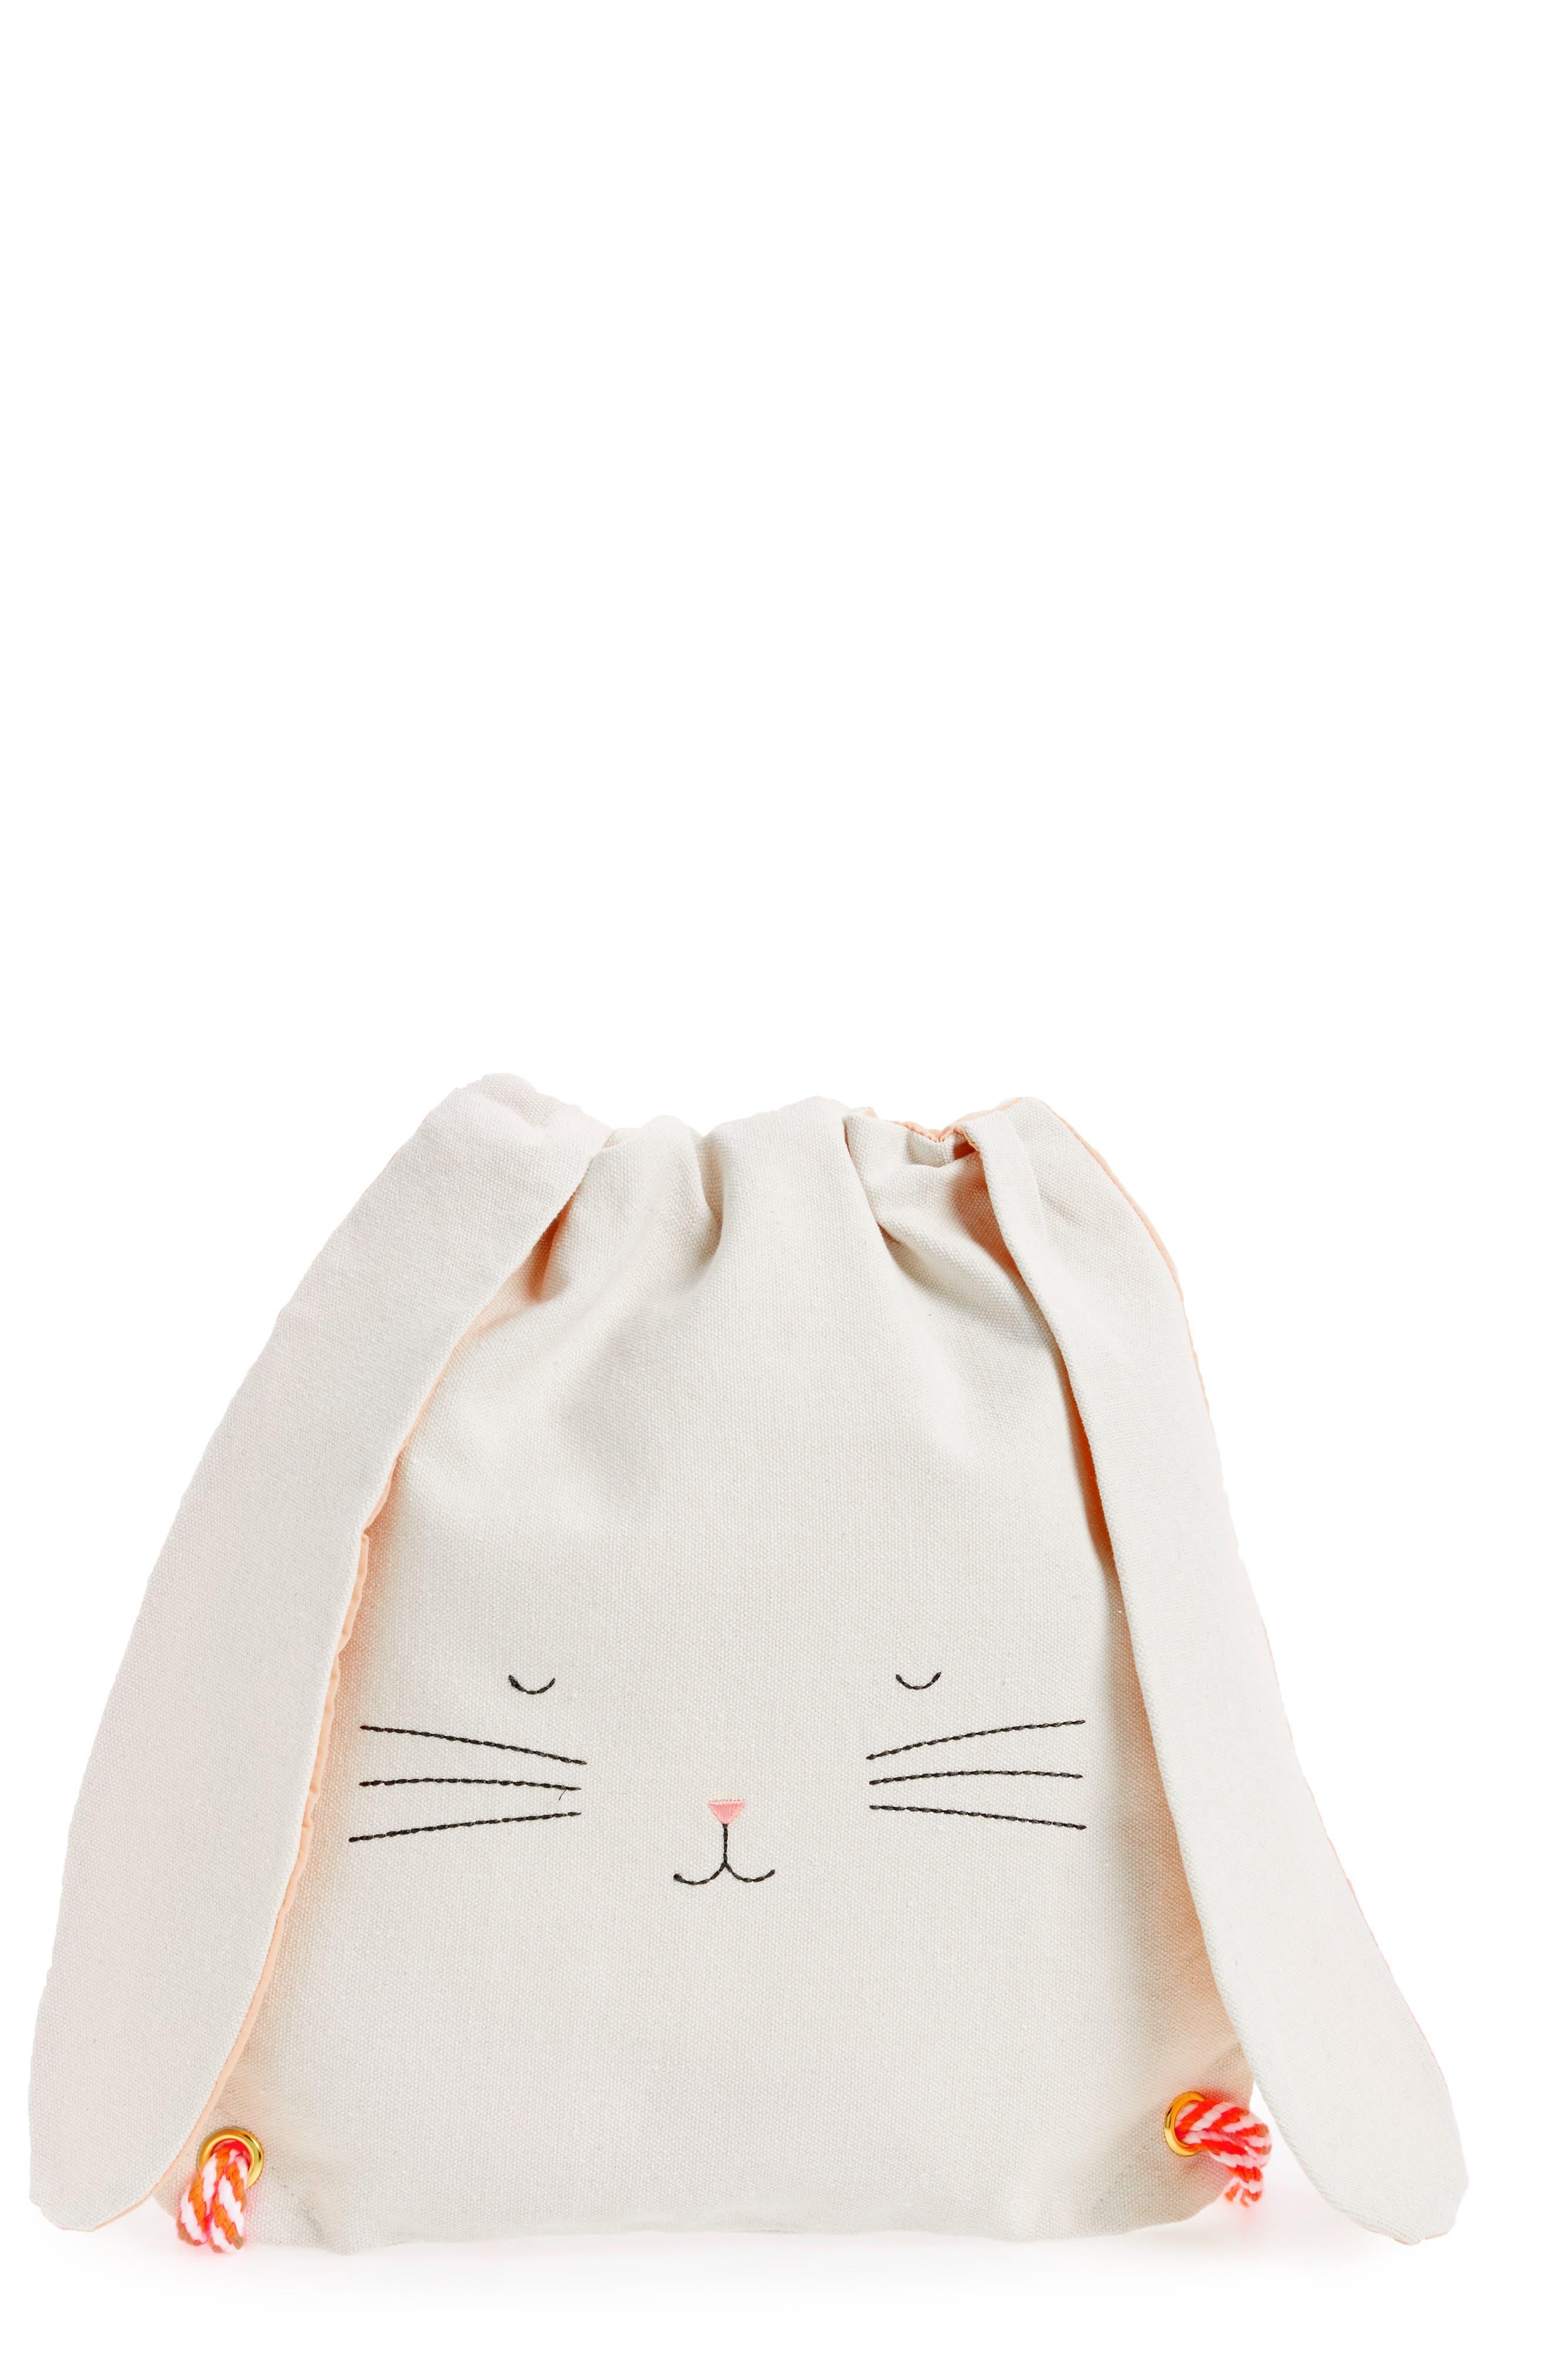 Bunny Backpack,                             Main thumbnail 1, color,                             900